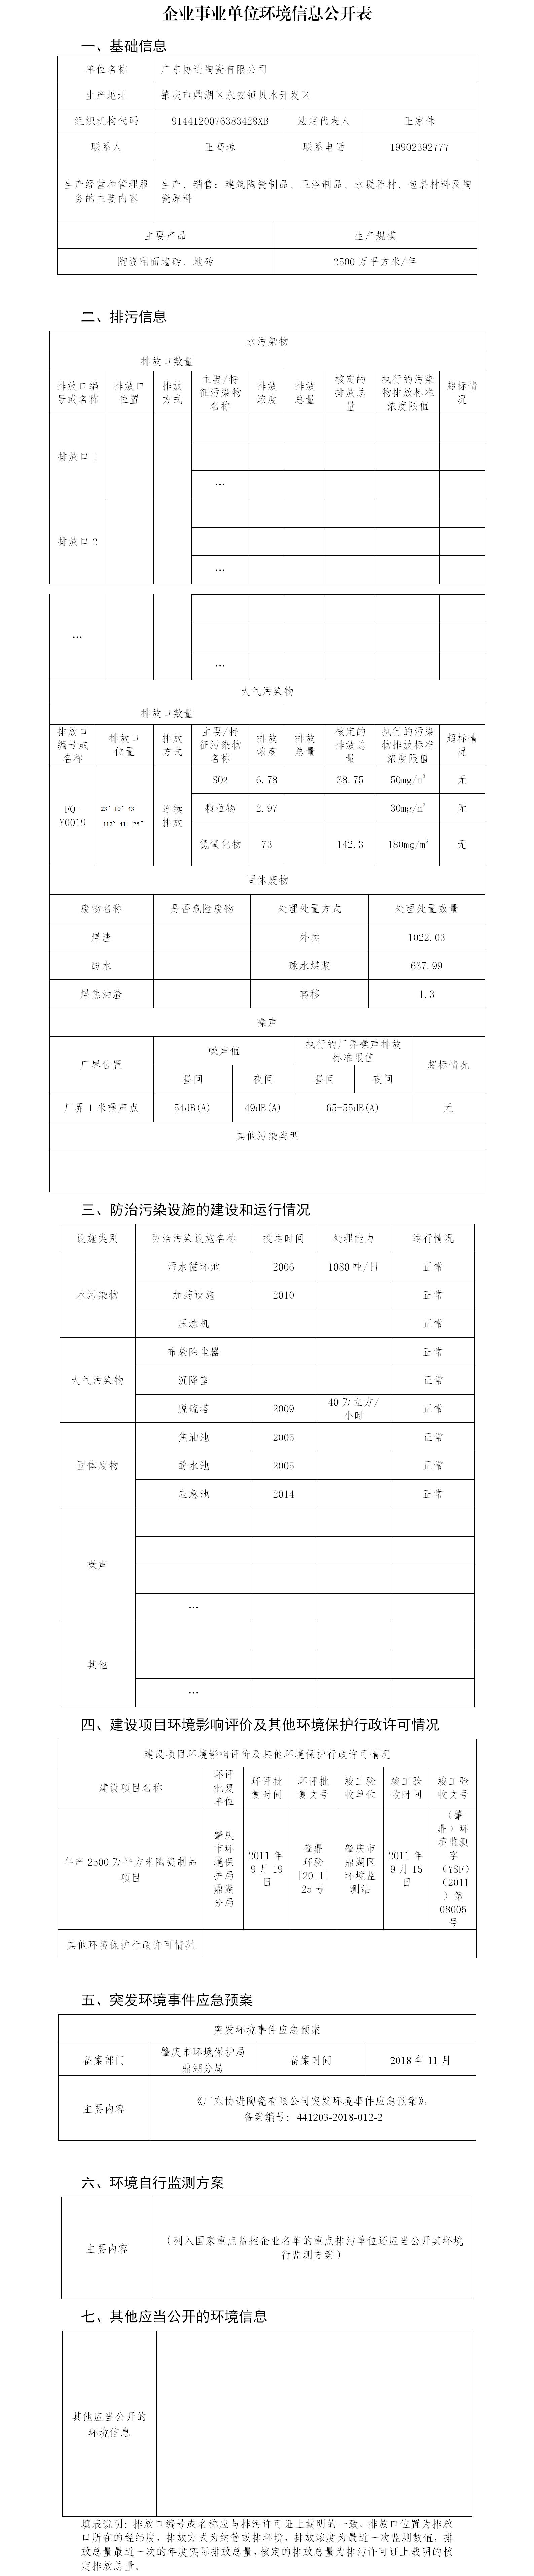 企业事业单位环境信息公开表(协进)(1).png